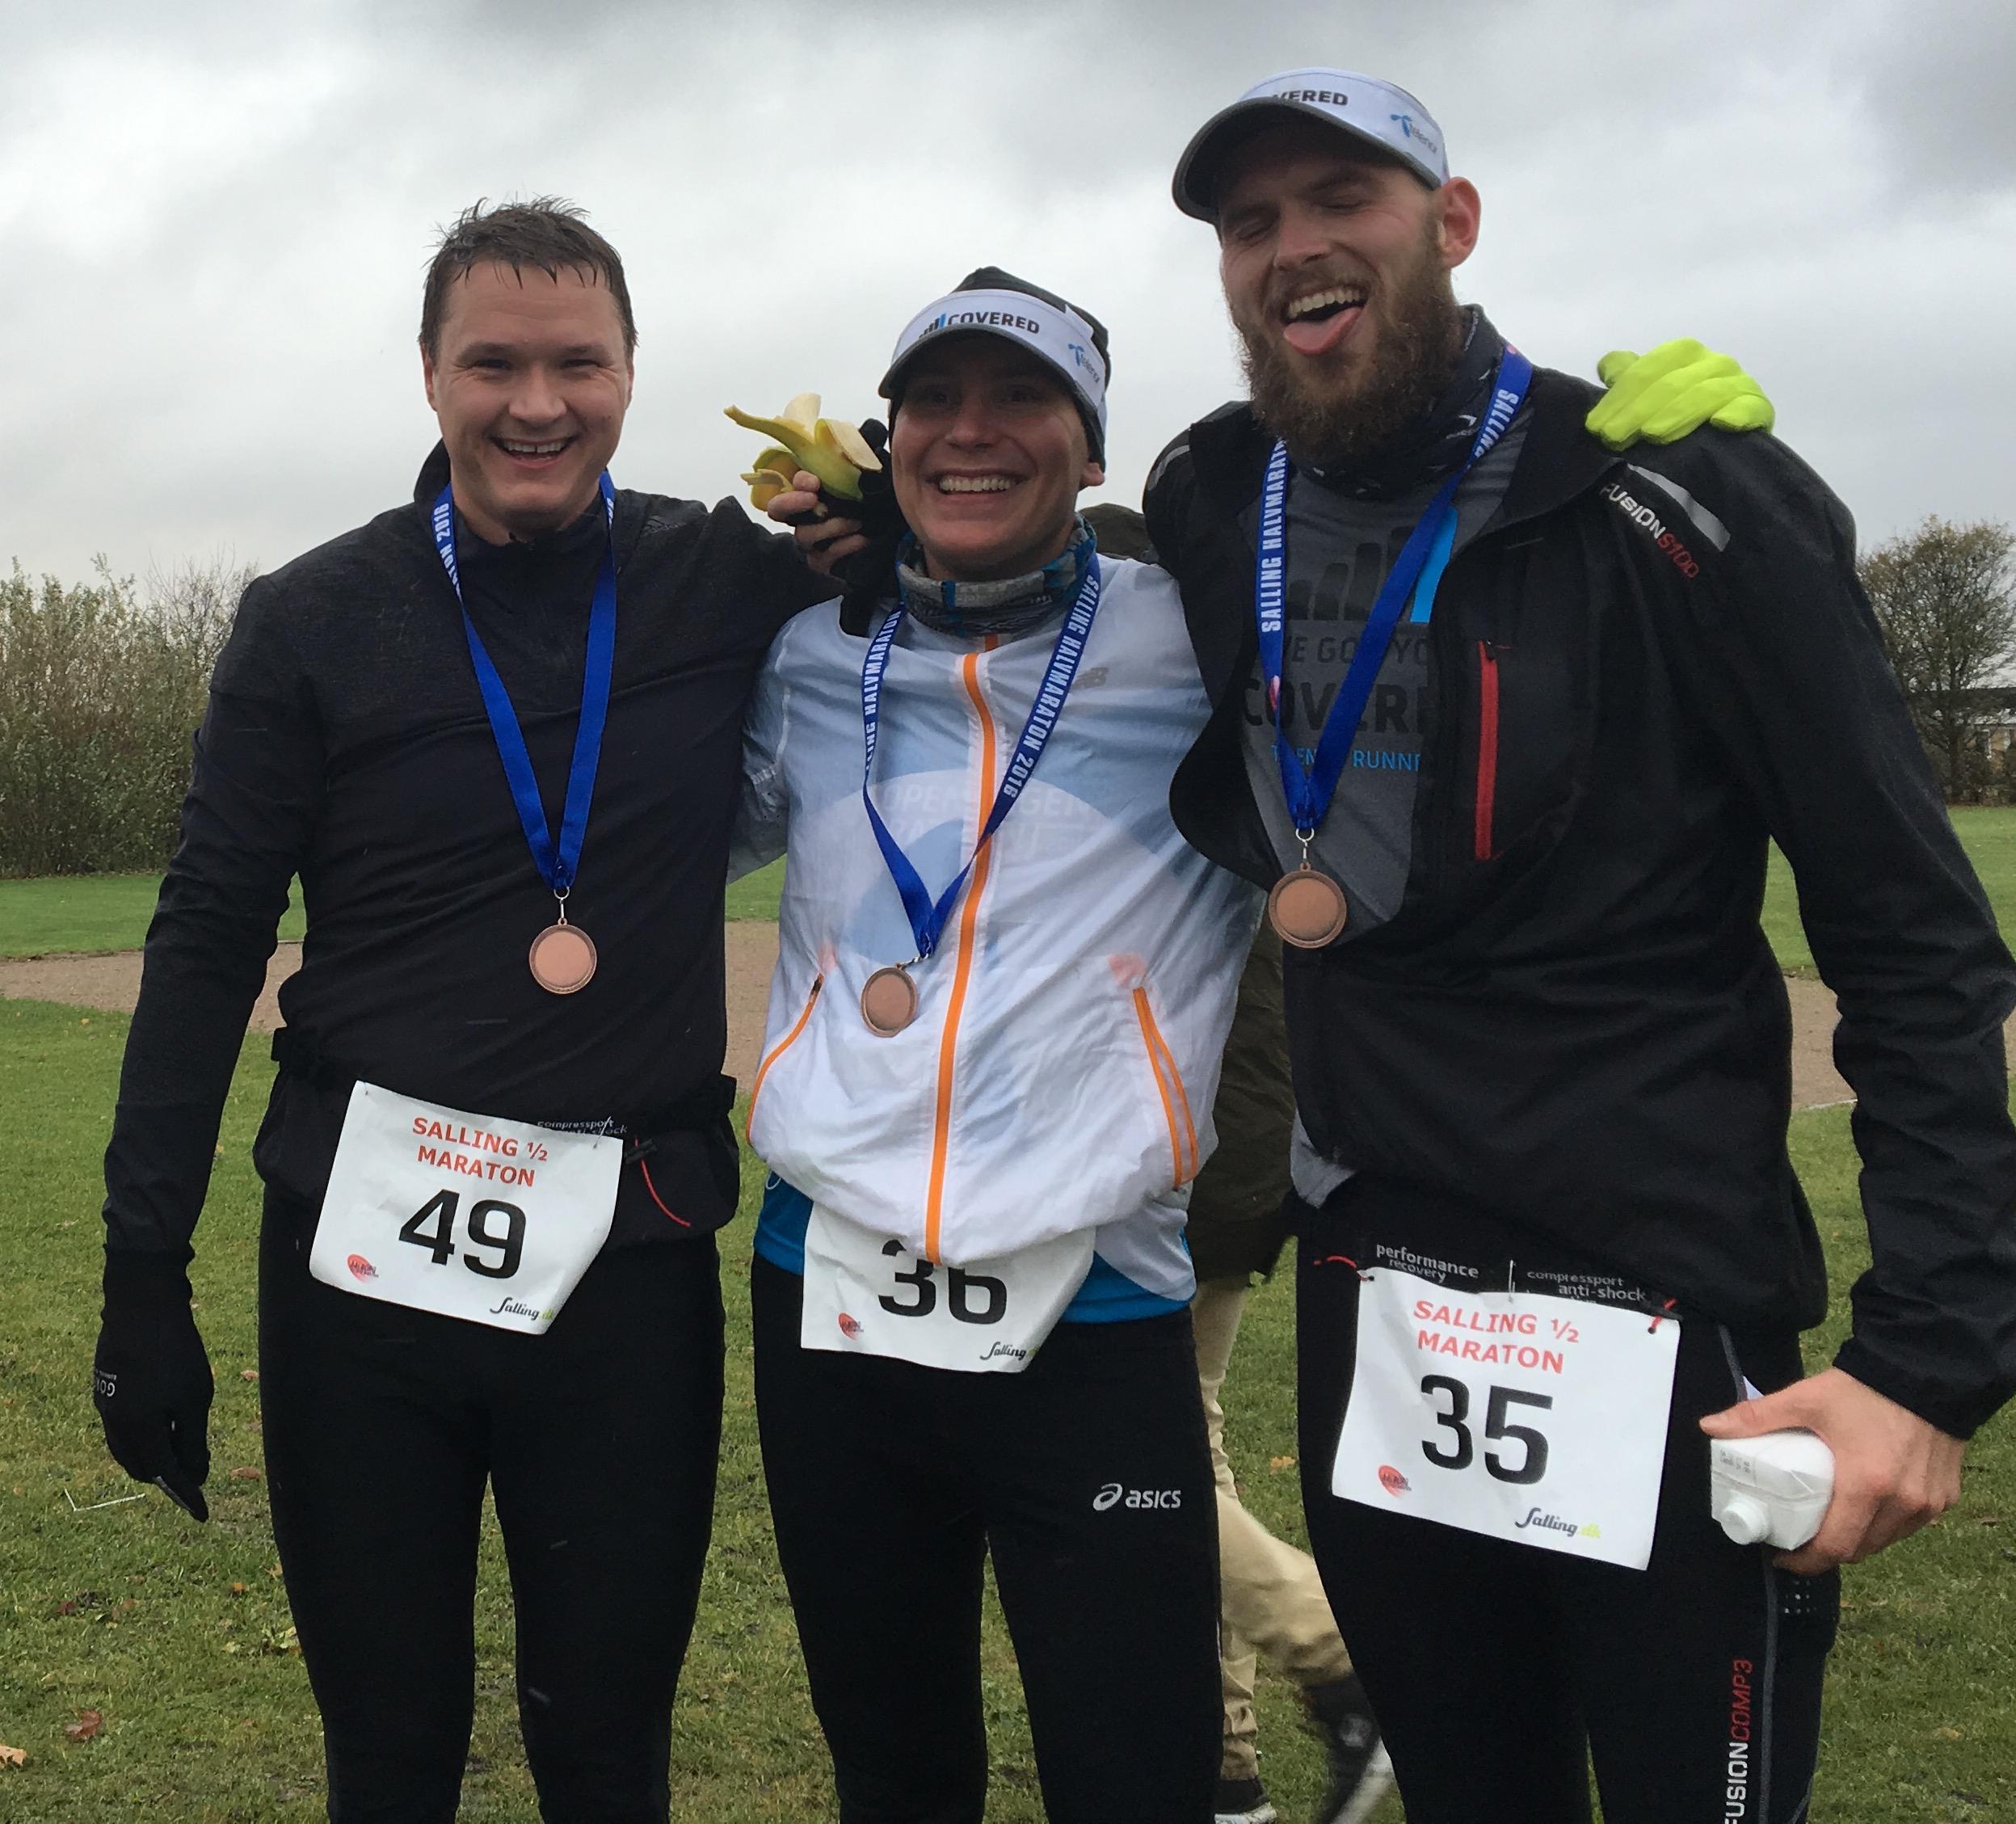 Andreas (Til højre) og Peter (til venstre) ligner nogen der også er tilfredse med dagens løb - eller måske mest af alt tilfredse med at det er overstået?!